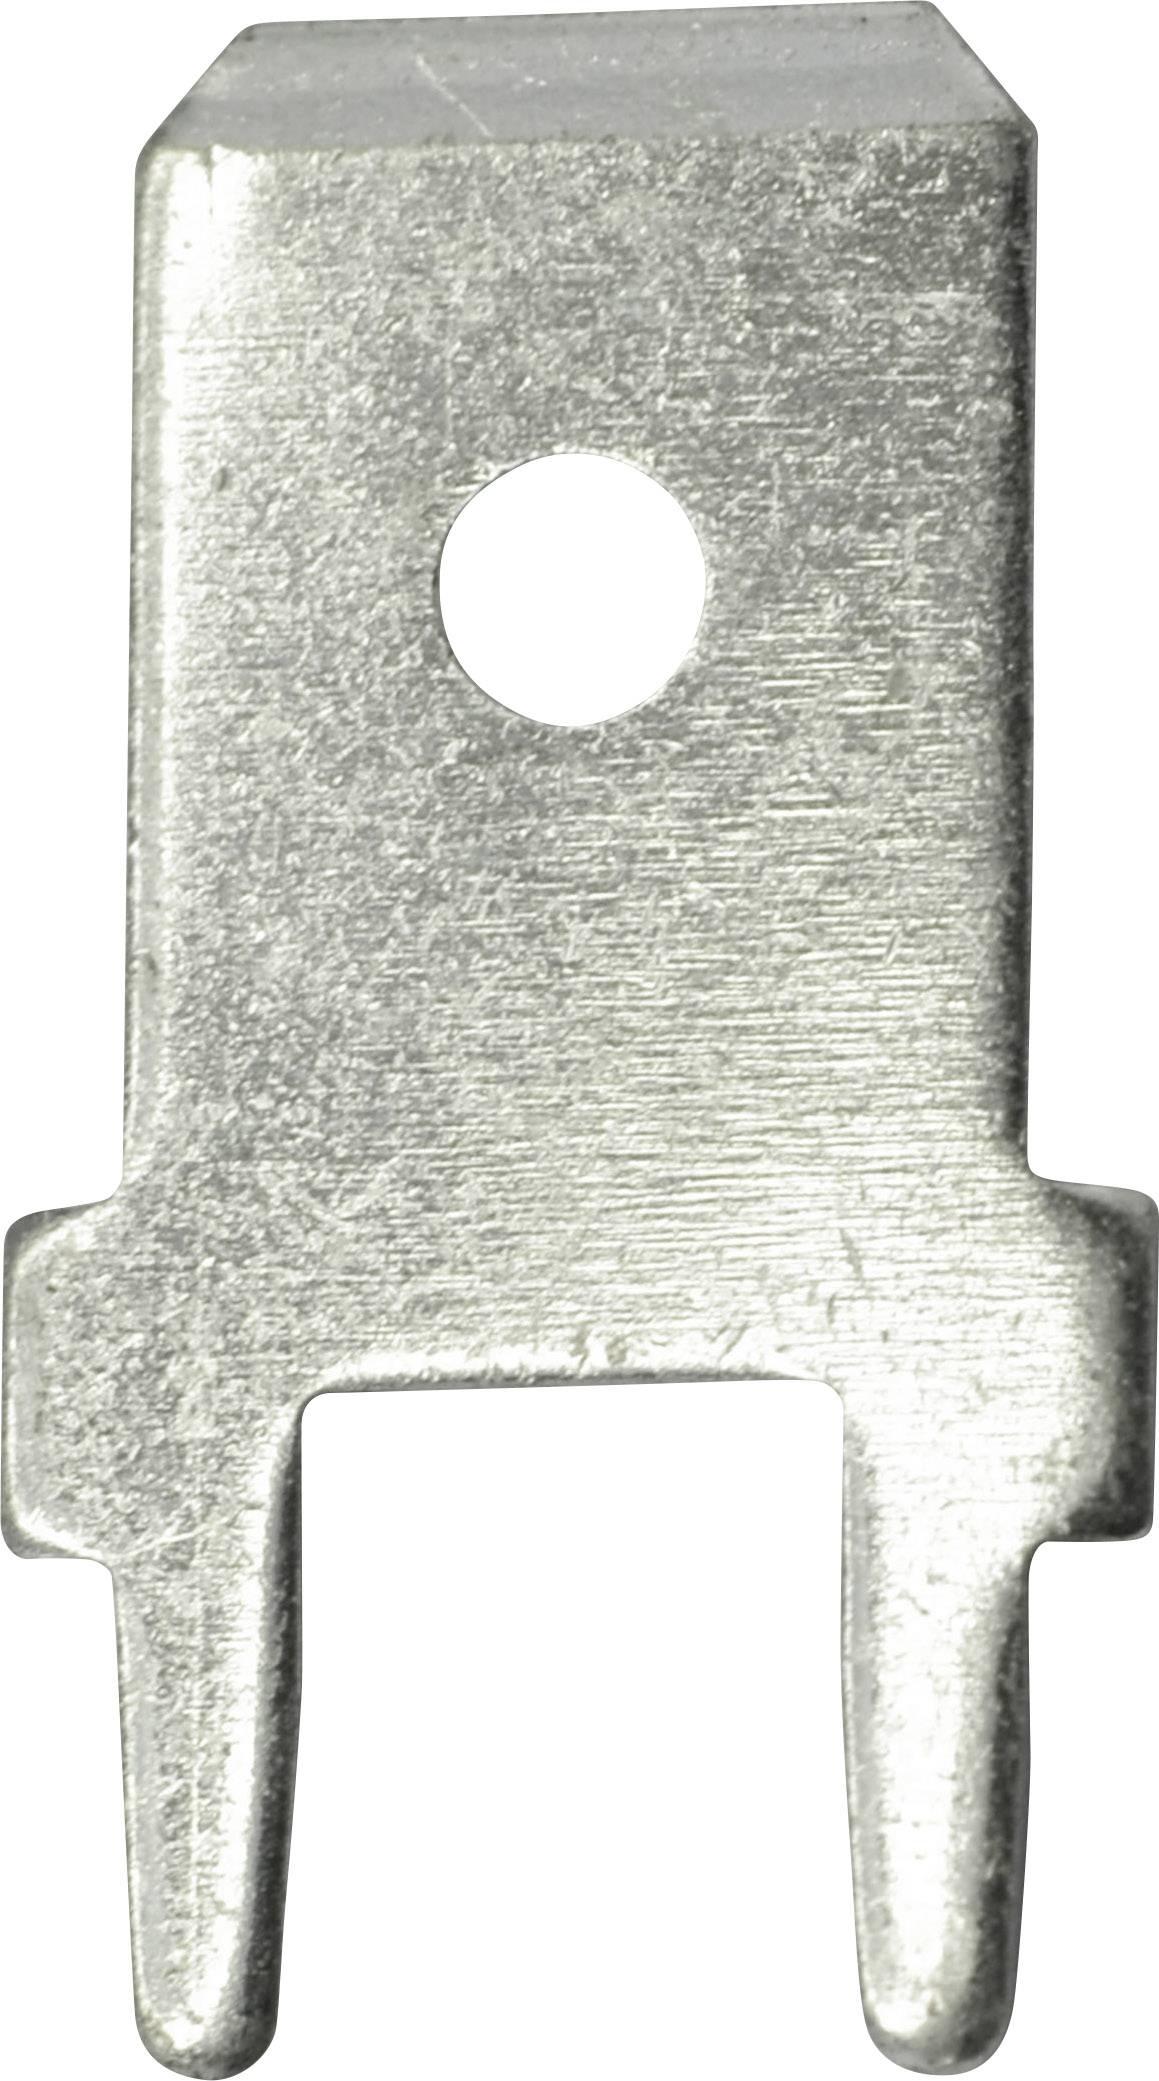 Faston zástrčka Vogt Verbindungstechnik 3866a.28 6.3 mm x 180 °, bez izolace, kov, 100 ks